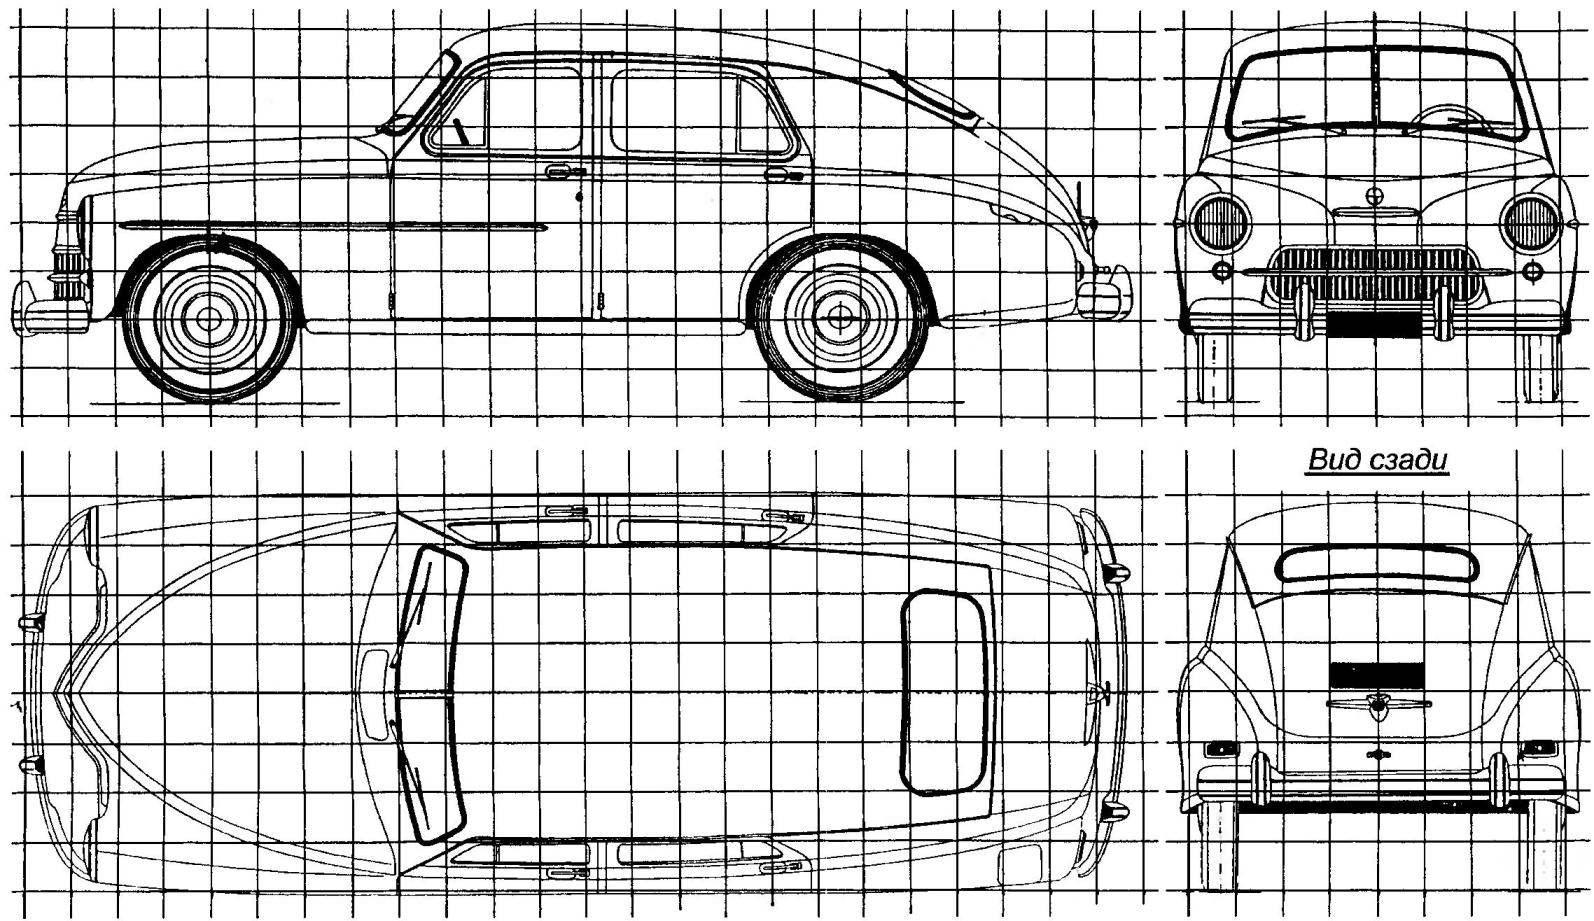 Автомобиль WARSZAWA, выпускавшийся по советской лицензии на польском заводе FSO (сторона квадрата координатной сетки составляет 200 мм)